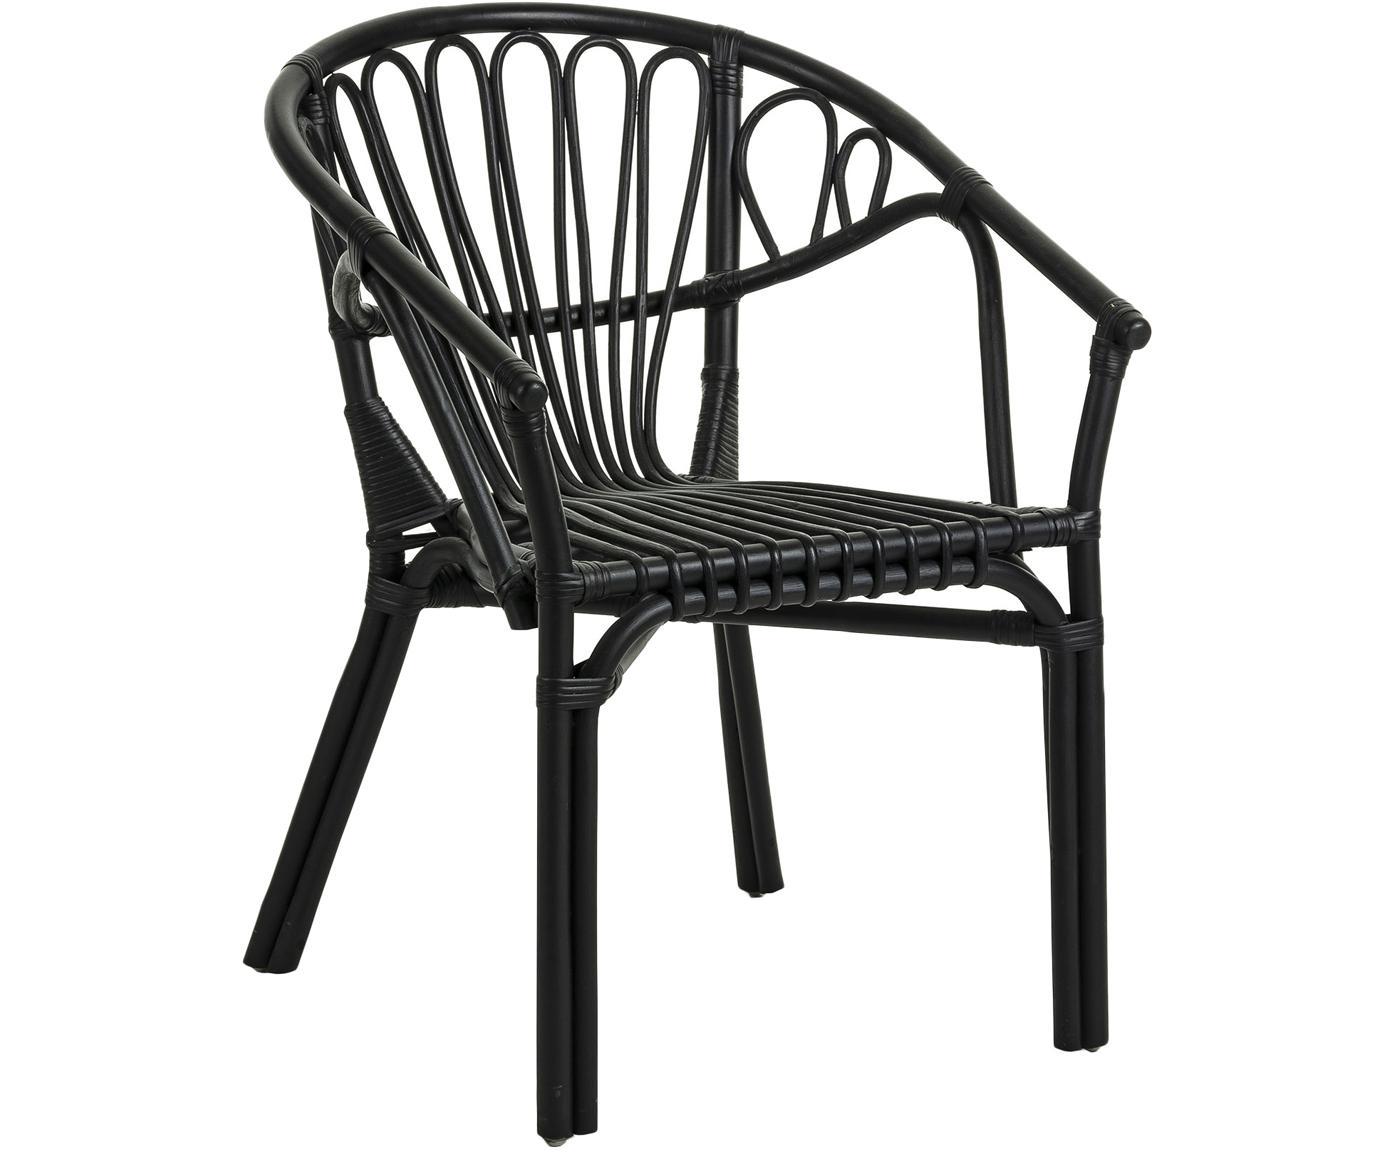 Sedia con braccioli in rattan Ganga, Rattan, laccato con rivestimento resistente alle intemperie, Nero, Larg. 56 x Prof. 60 cm